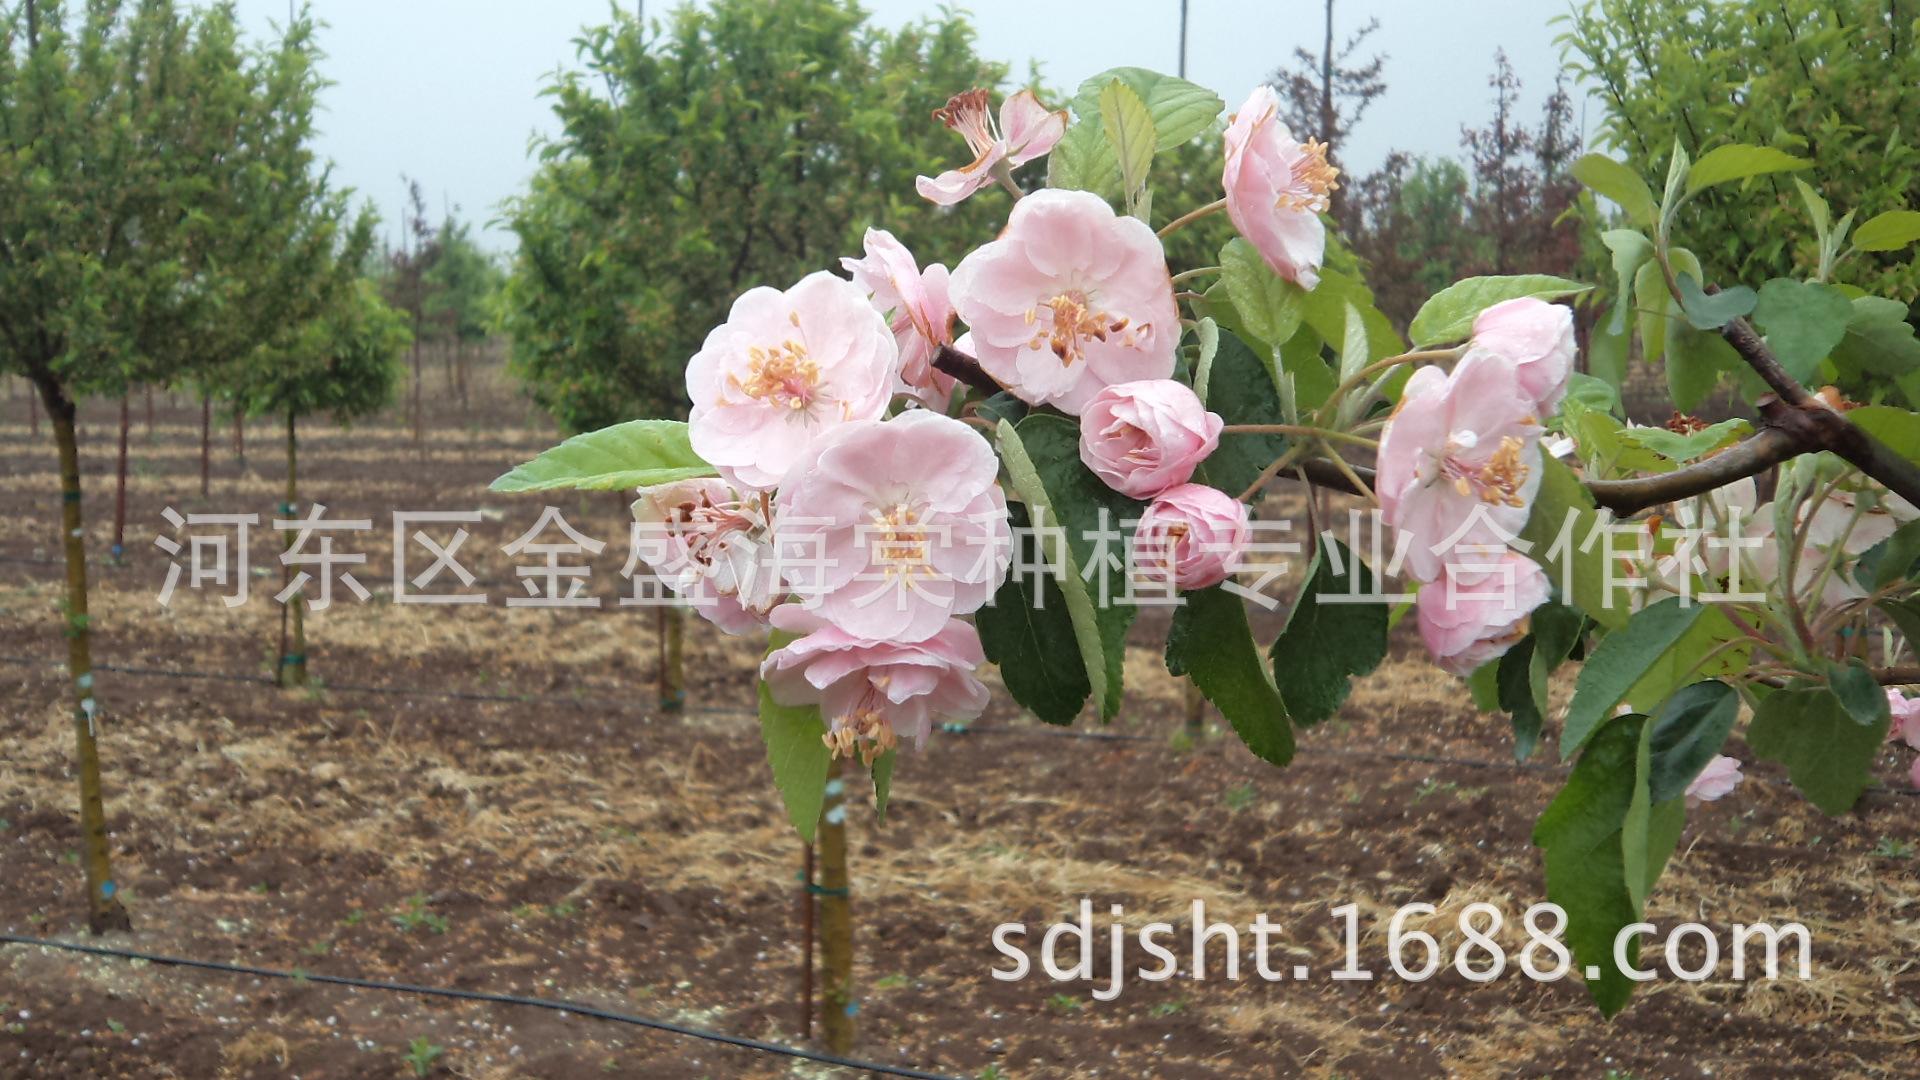 白兰地海棠 表演克莱默 花大重瓣,叶绿较大